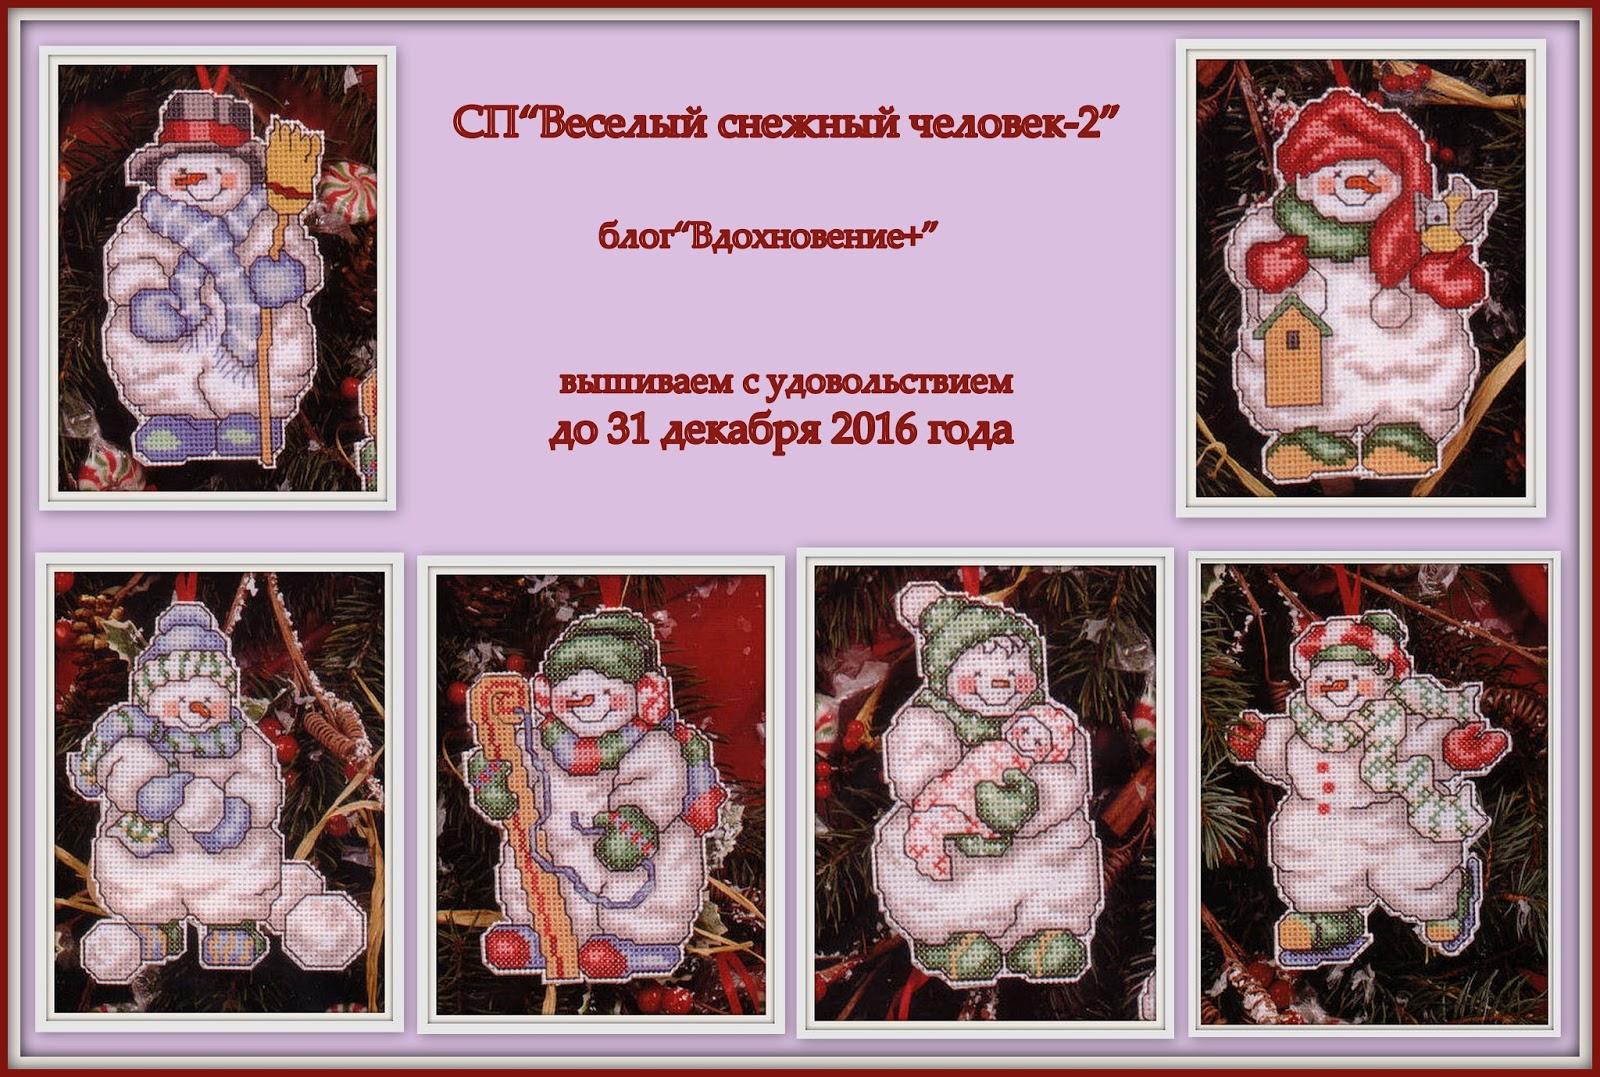 Веселый снежный человек-2